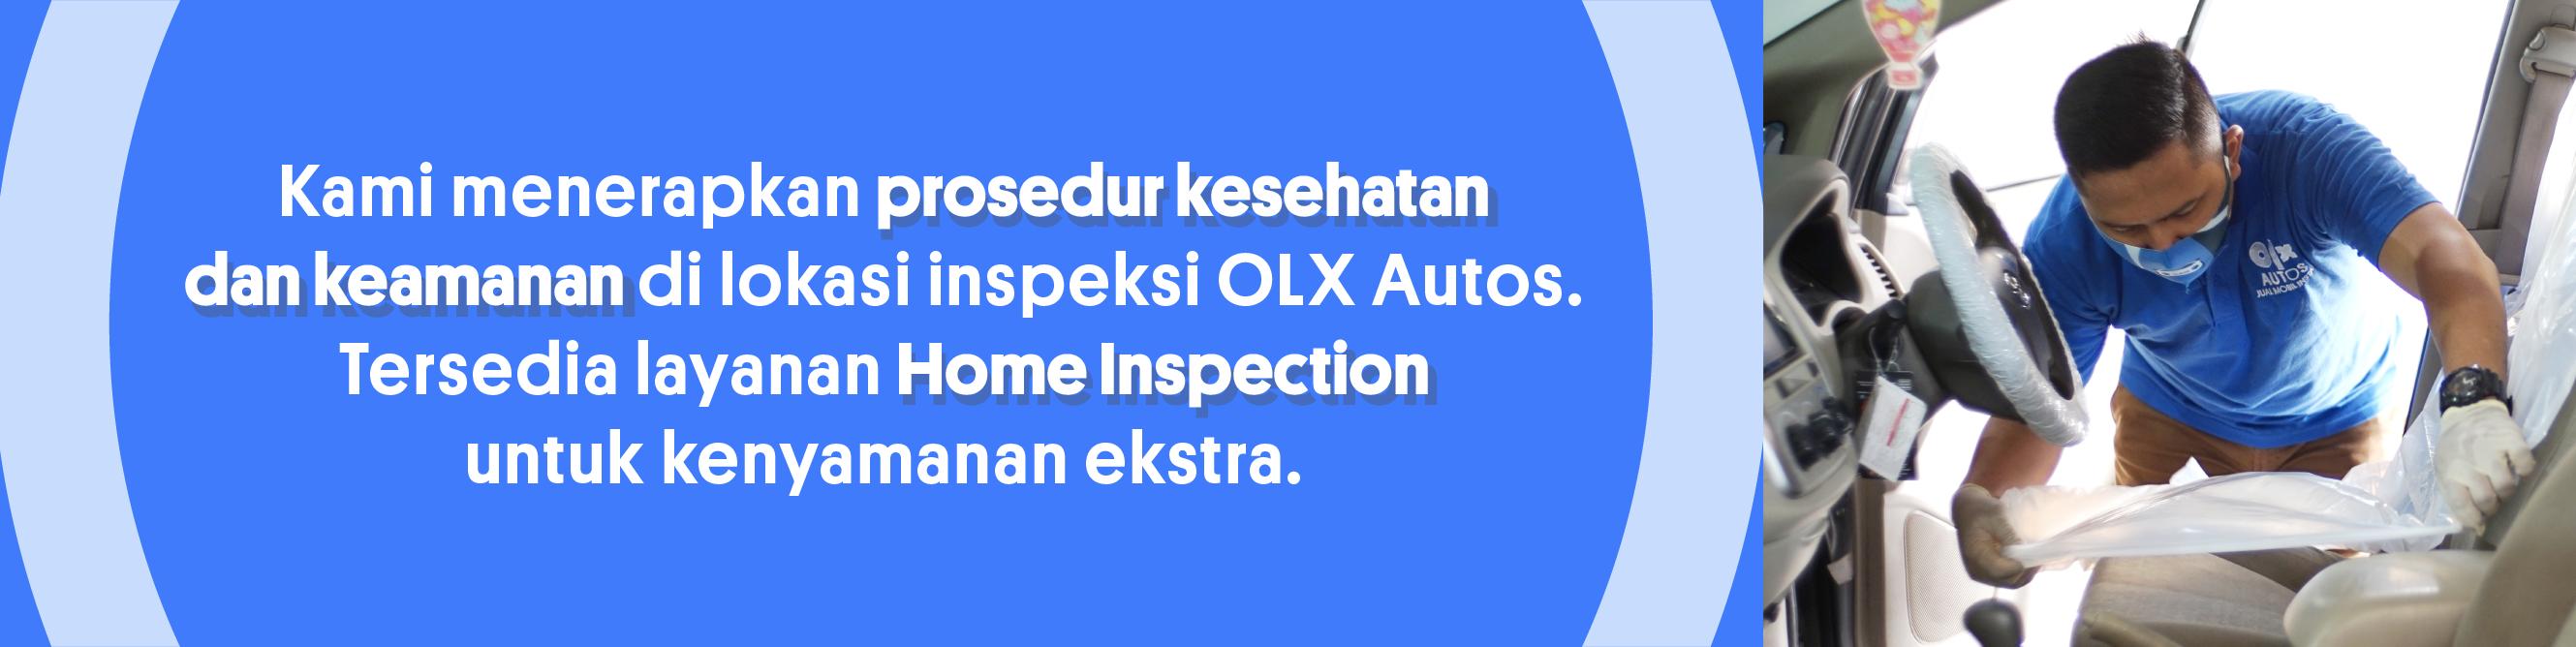 OLXAutos - Protokol Kesehatan